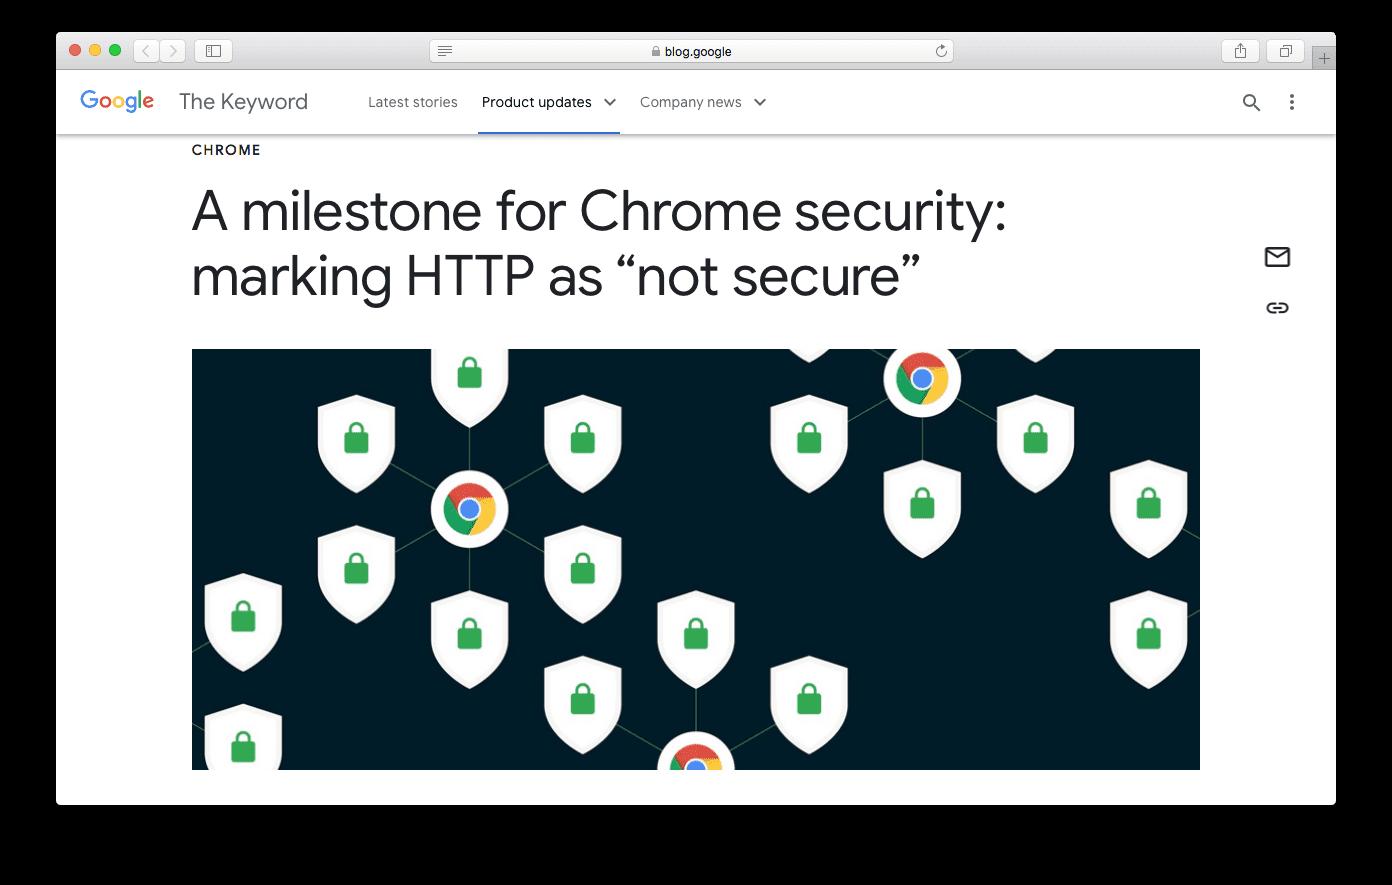 Rilis Algoritma Google Terbaru tentang Keamanan Chrome